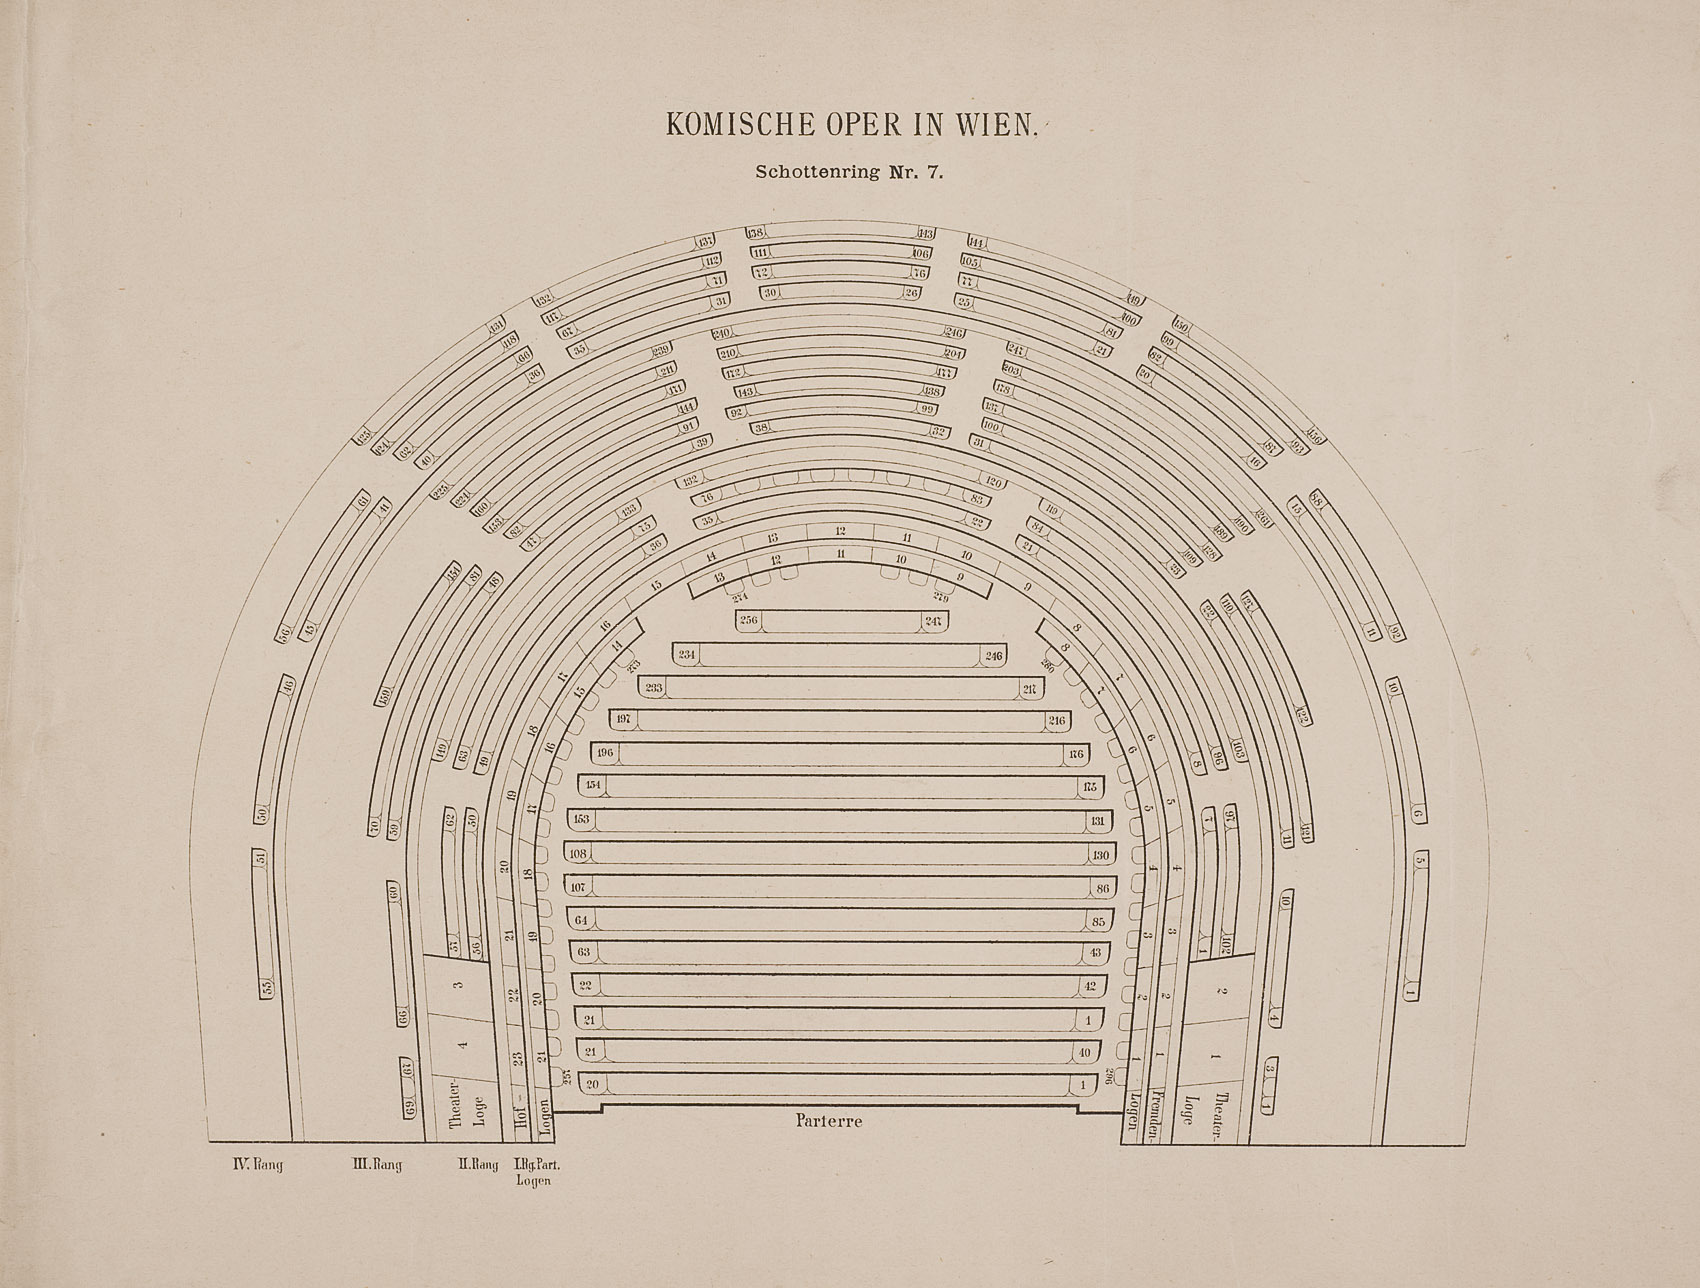 Wien, Komische Oper von anonym